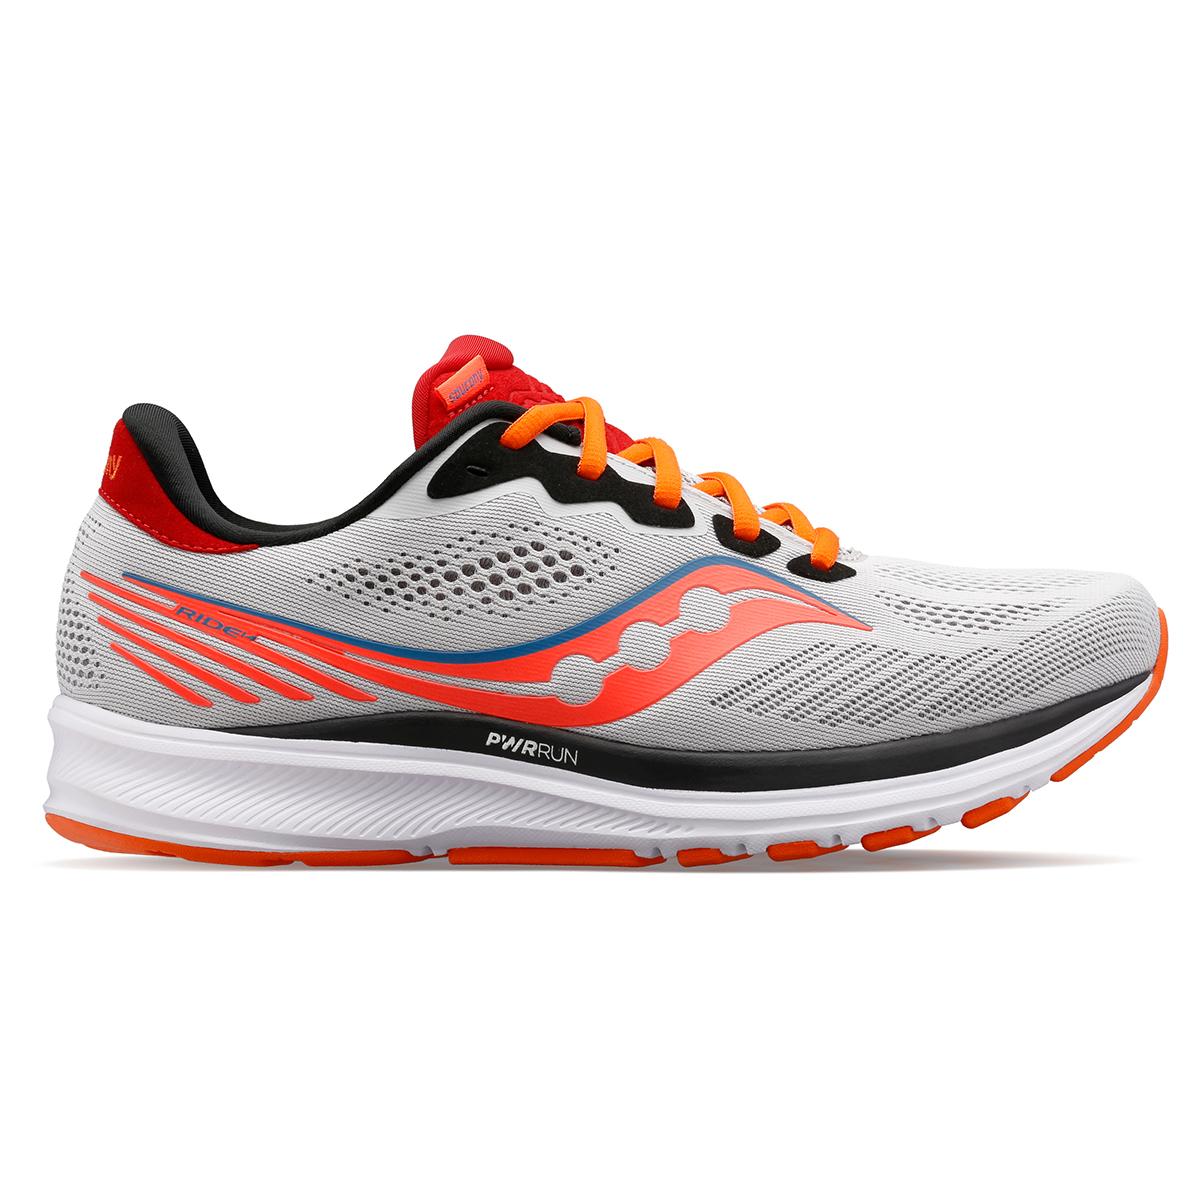 Men's Saucony Ride 14 Running Shoe - Color: Jackalope - Size: 7 - Width: Regular, Jackalope, large, image 1